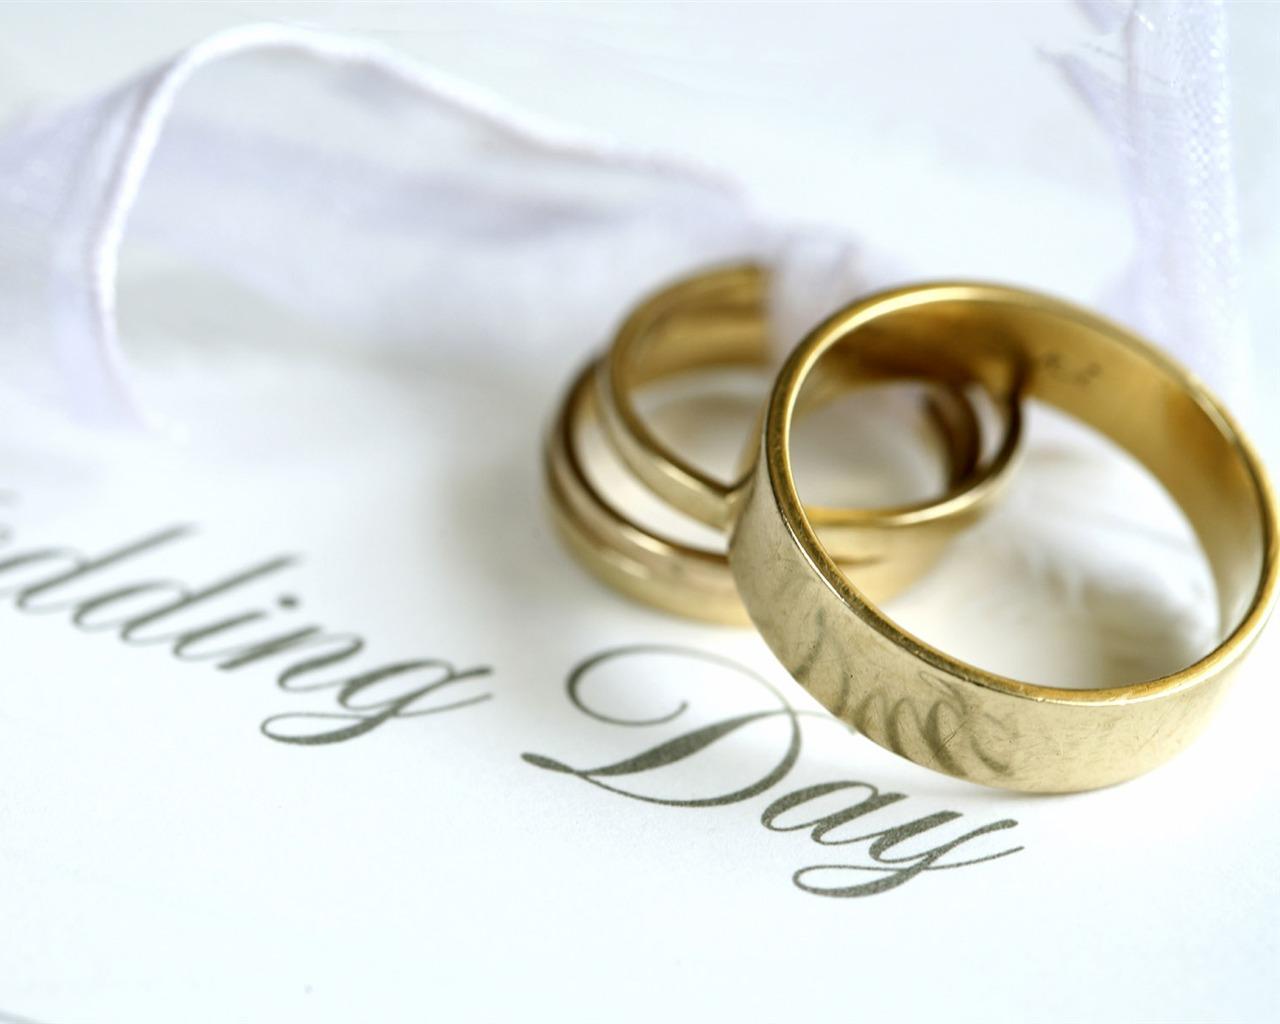 Mariage et papier peint anneau de mariage (1) #15 - 1280x1024 Fond d ...